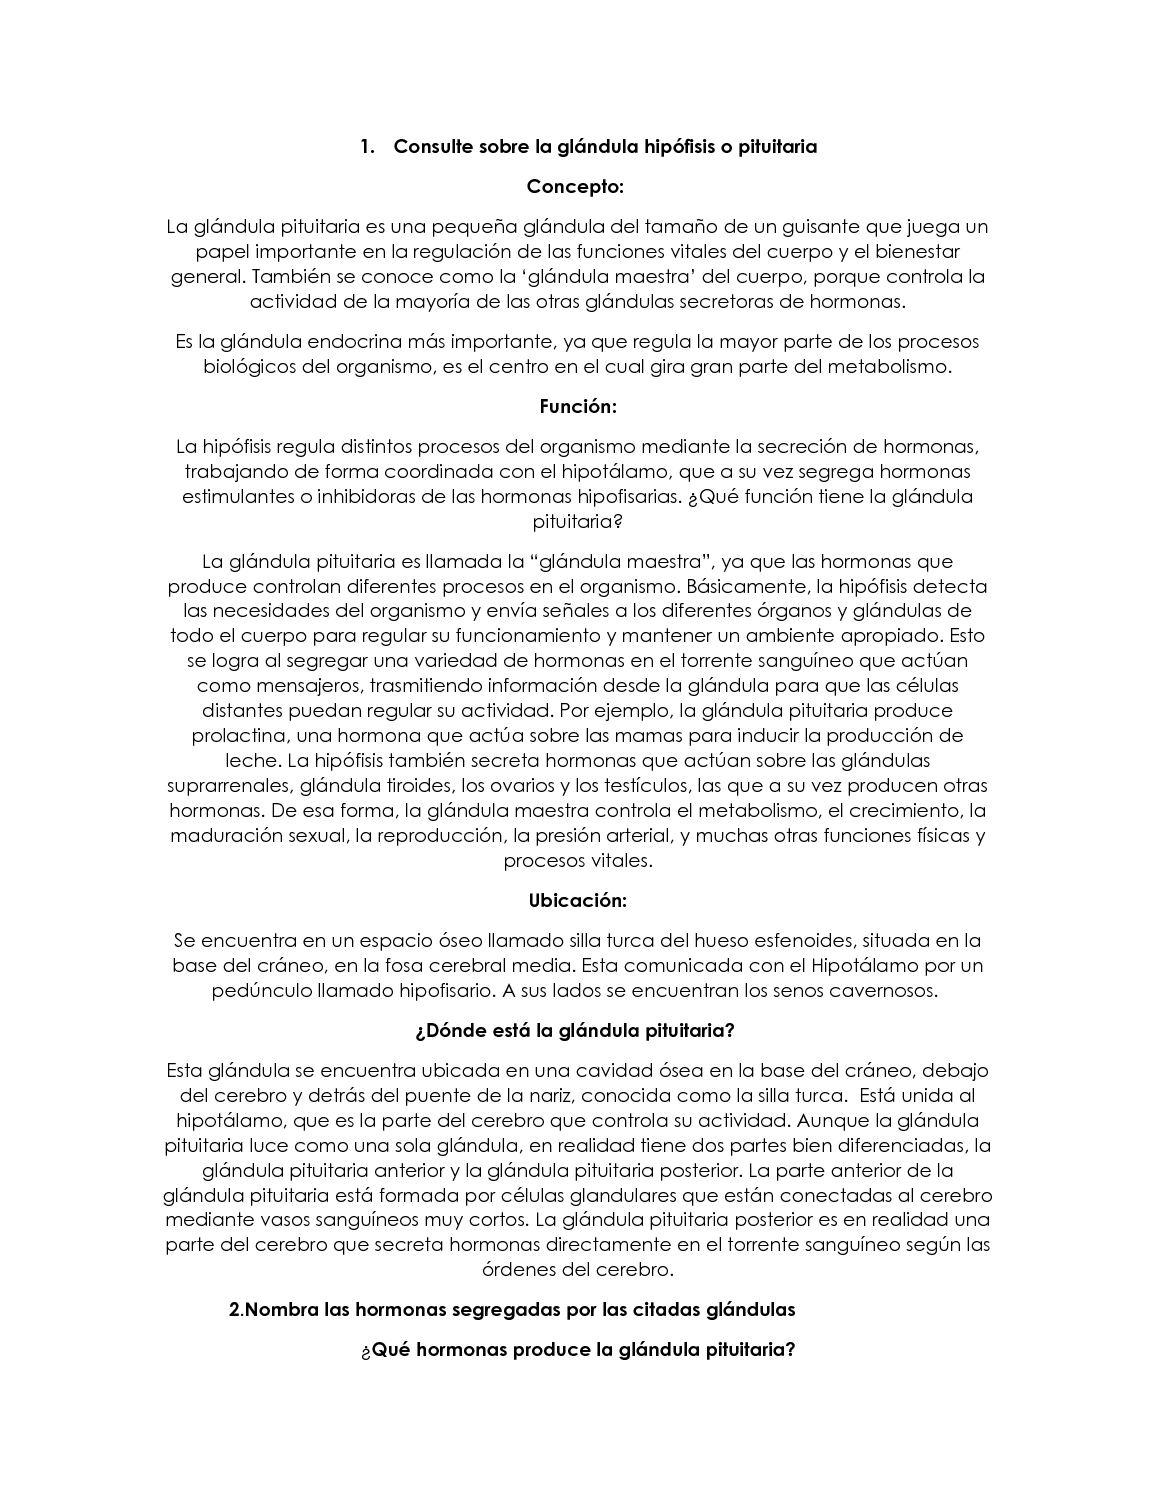 Calaméo - Consulte Sobre La Glándula Hipófisis O Pituitaria